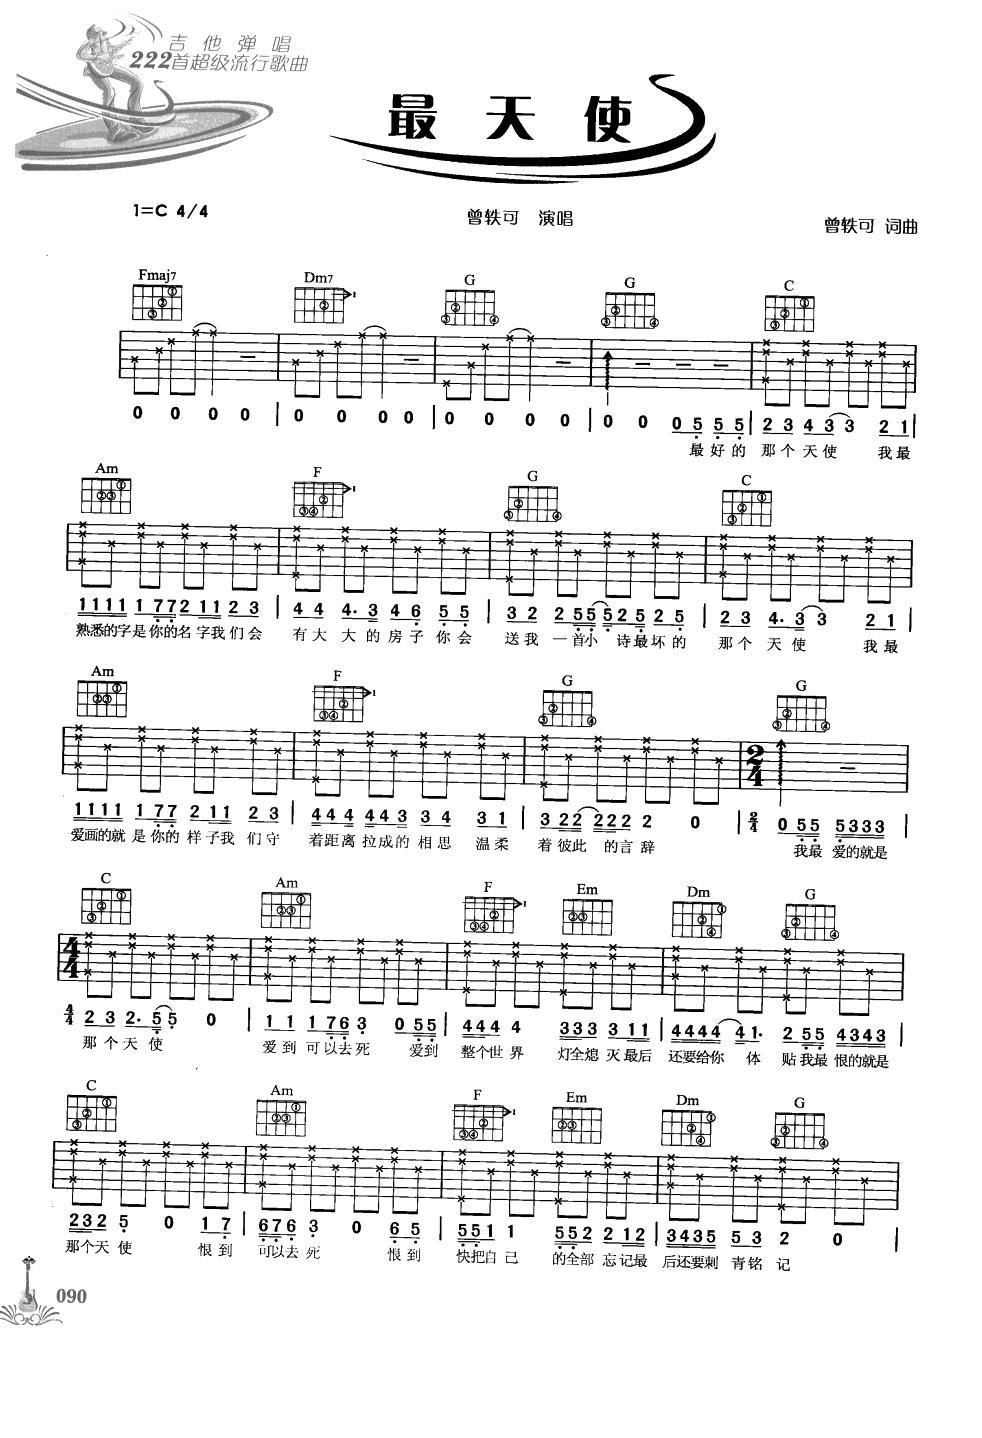 最天使 吉他谱 谱酷吉他谱 @pucool 最好的吉他谱网站图片